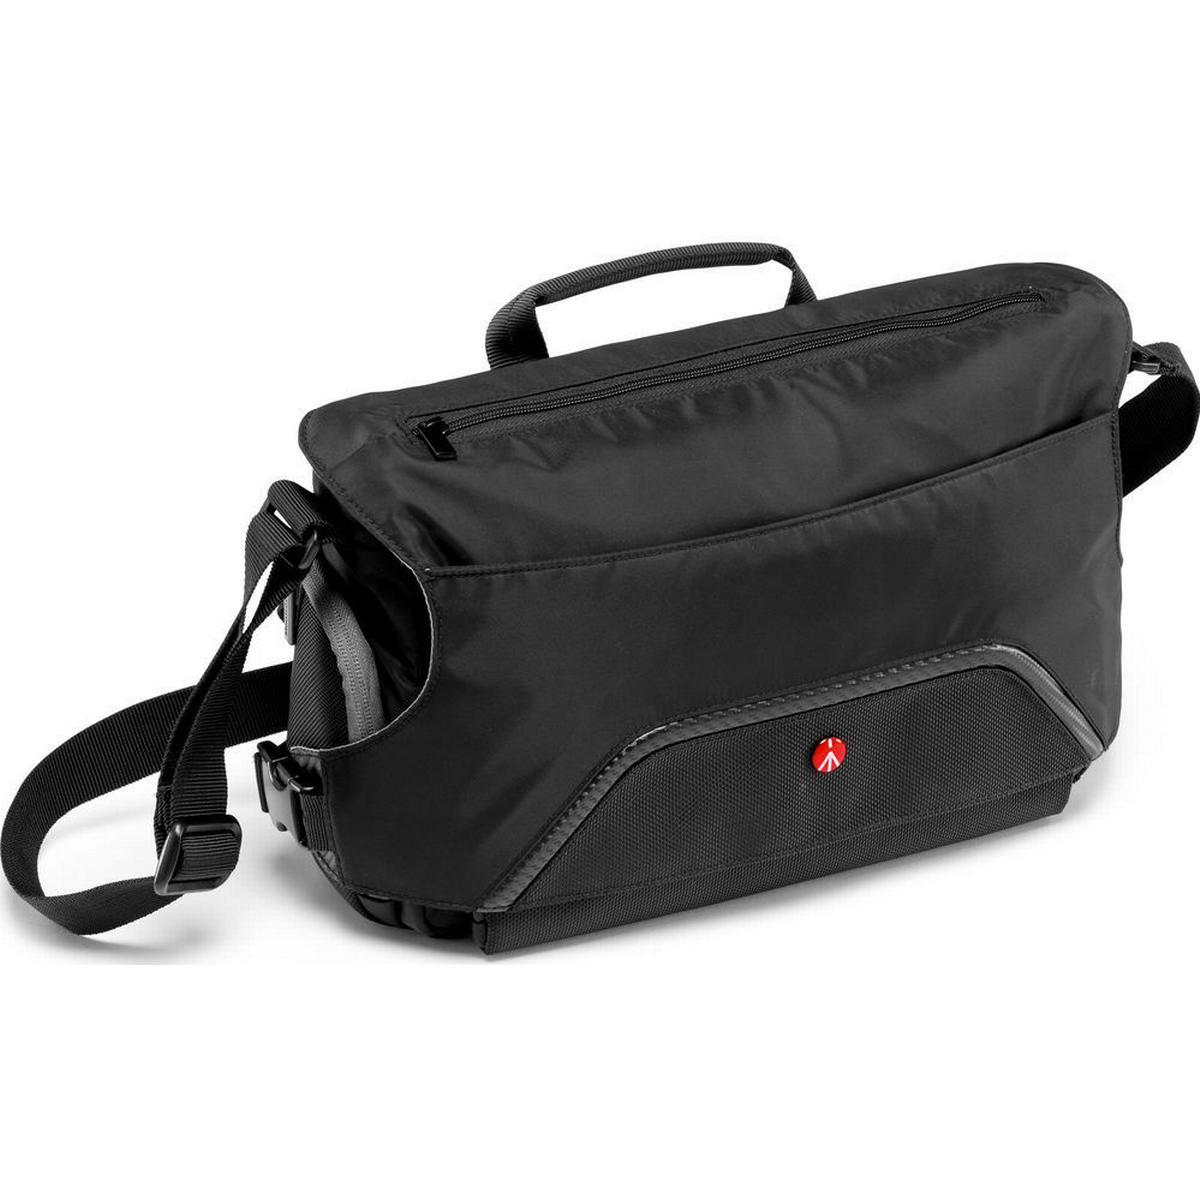 Brun PU Läder Axelband Väska Väska För Fujifilm Instax Mini 70 Kamera